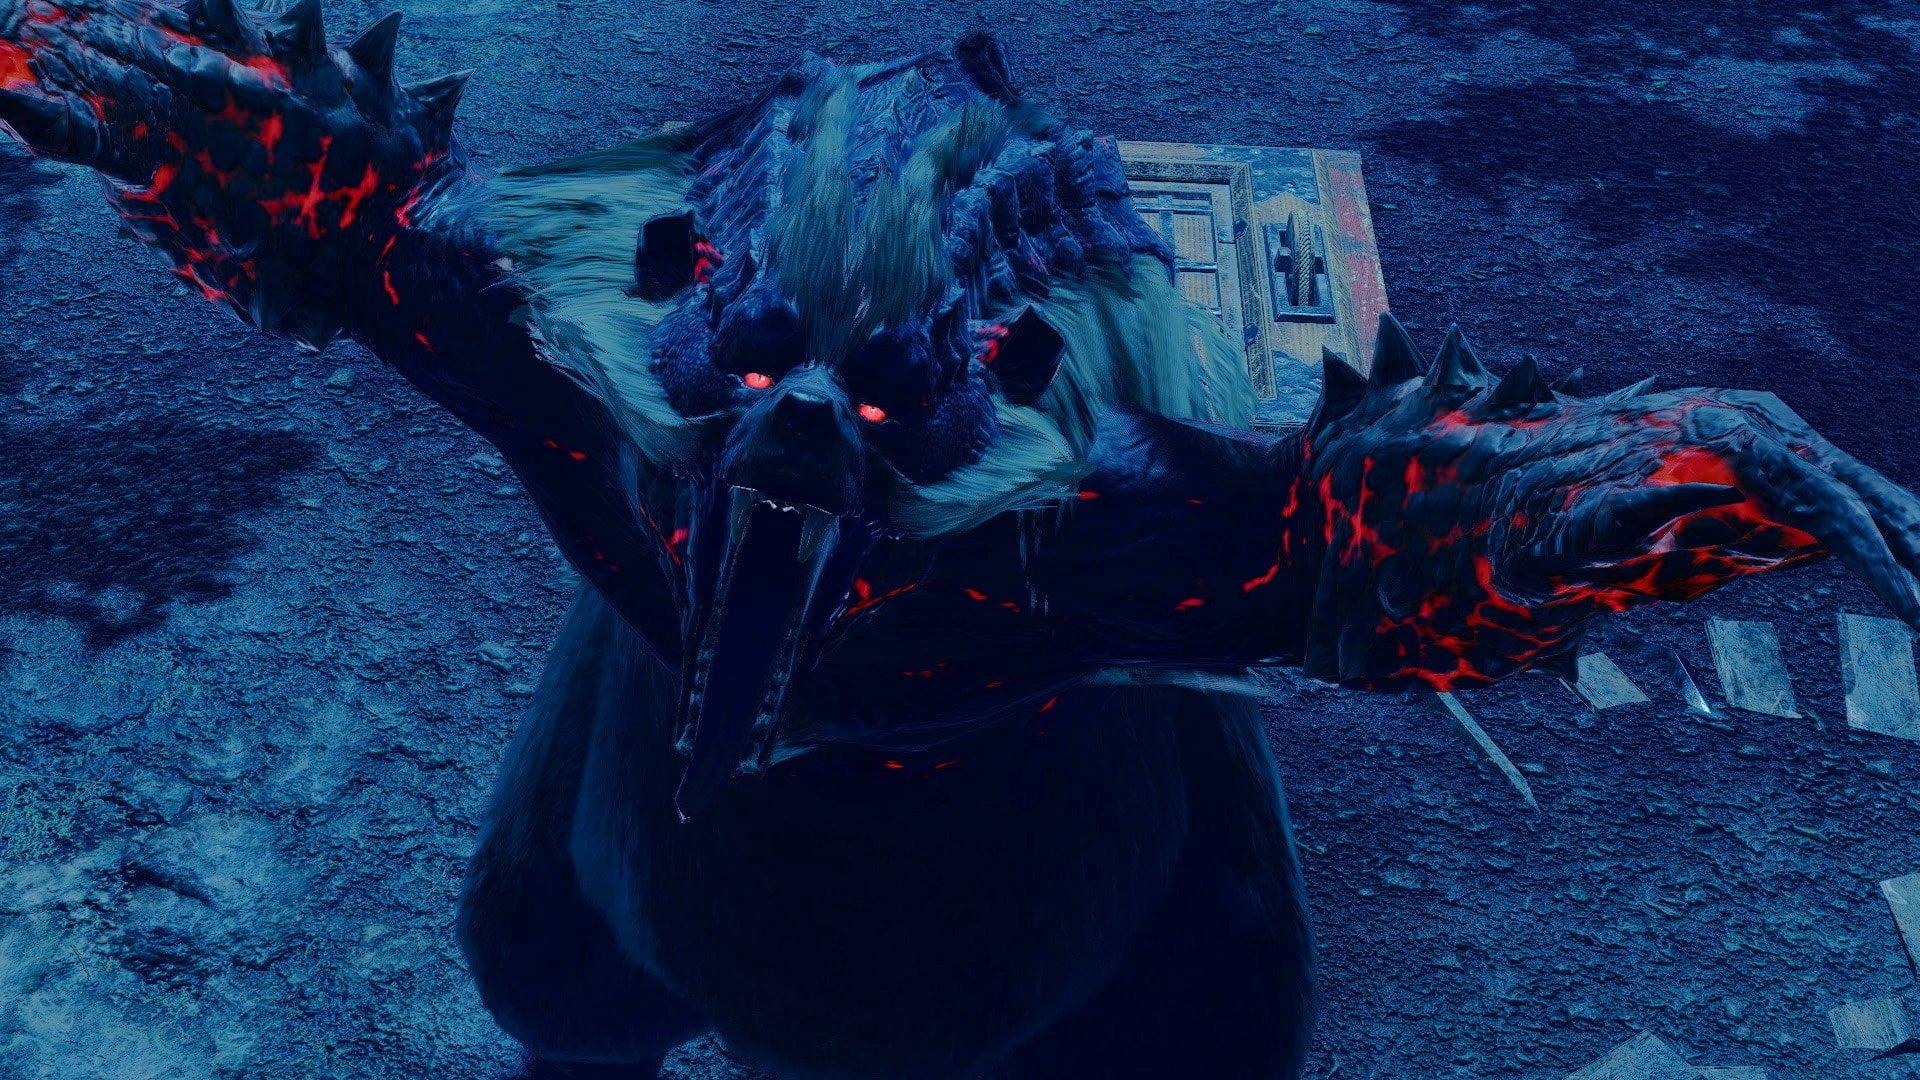 Monster Hunter Rising Soon on Nintendo Switch